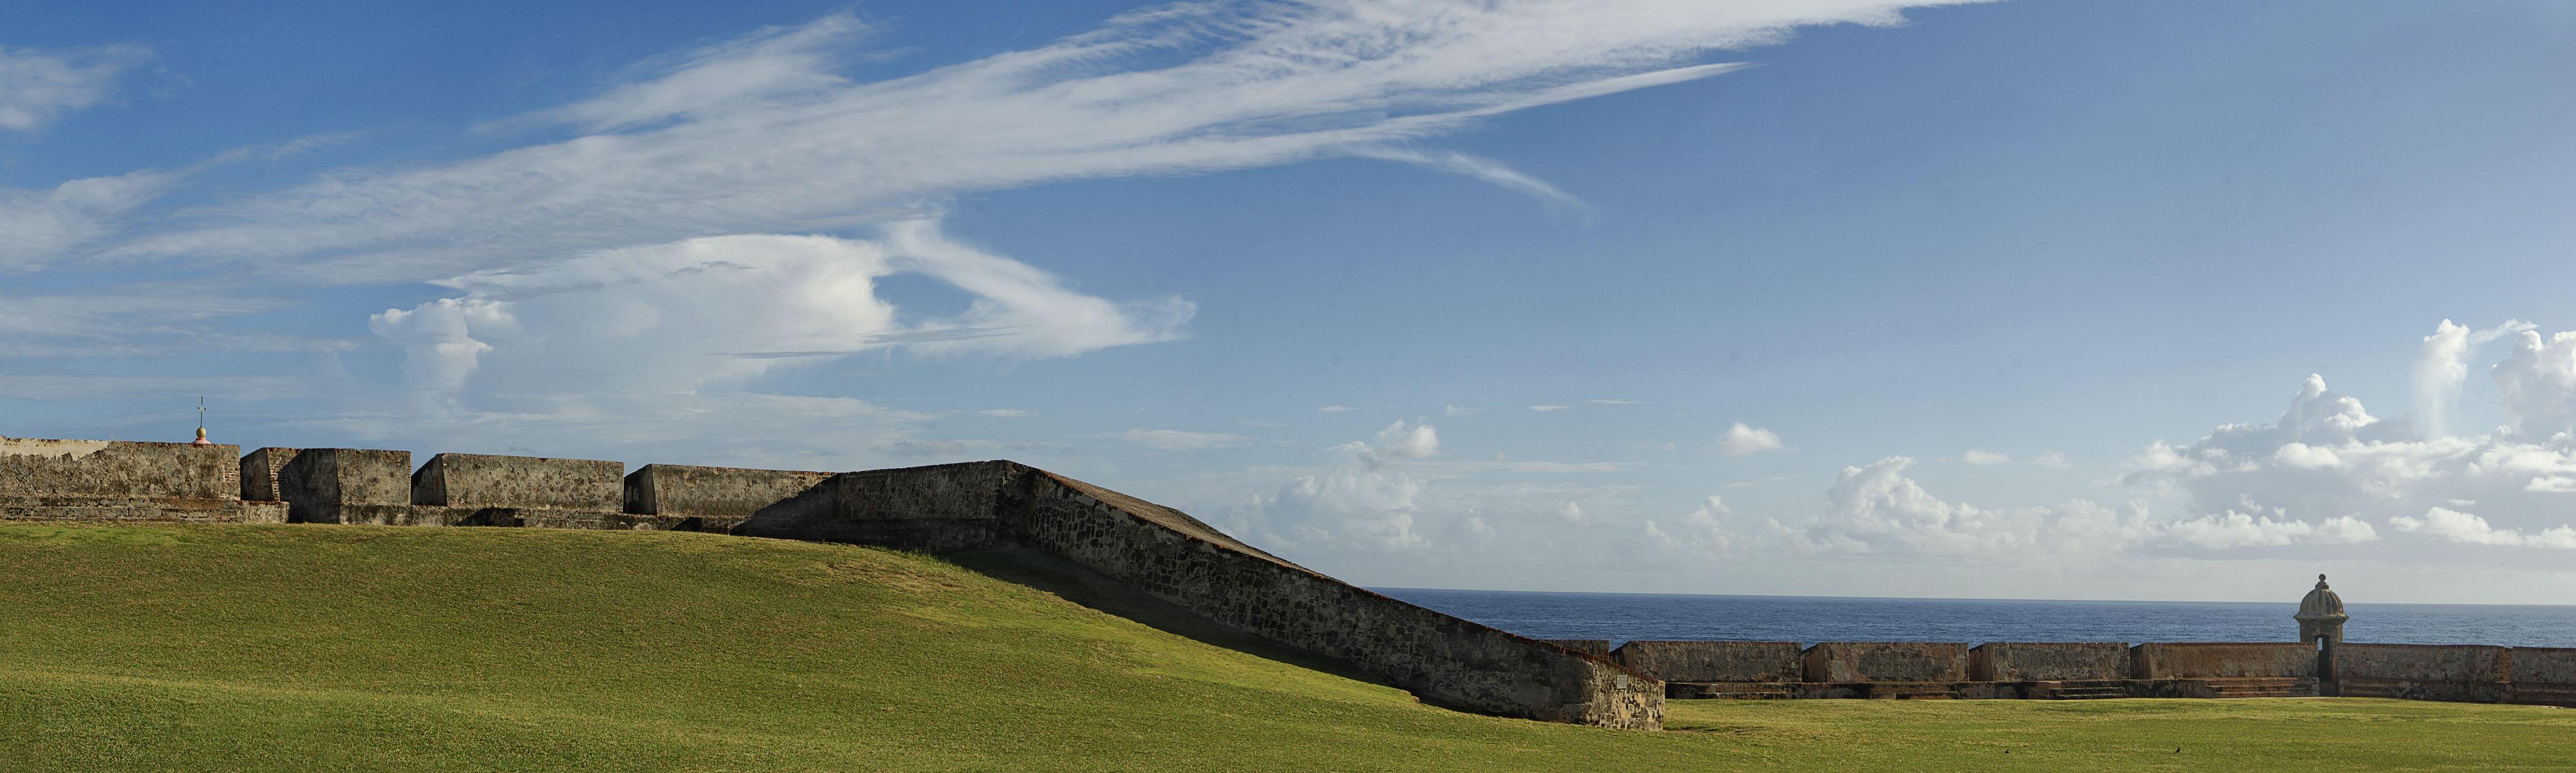 Castillo de San Cristobal - Right